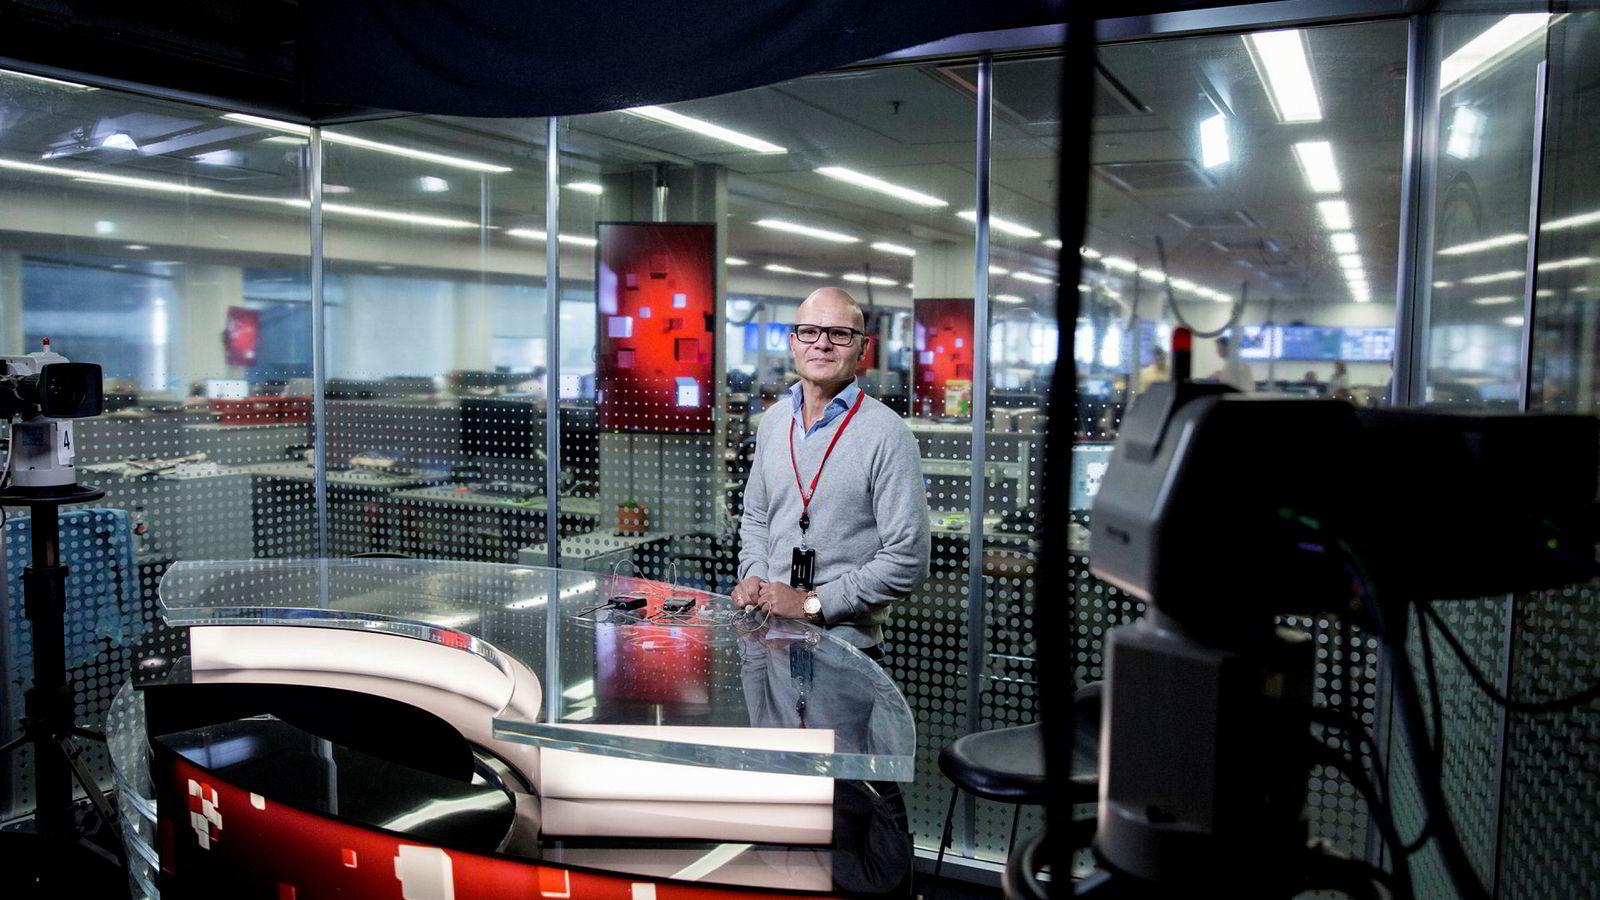 Redaksjonssjef i VGTV, Rolf Sønstelie, forteller at reklameinntektene til video på nett øker.